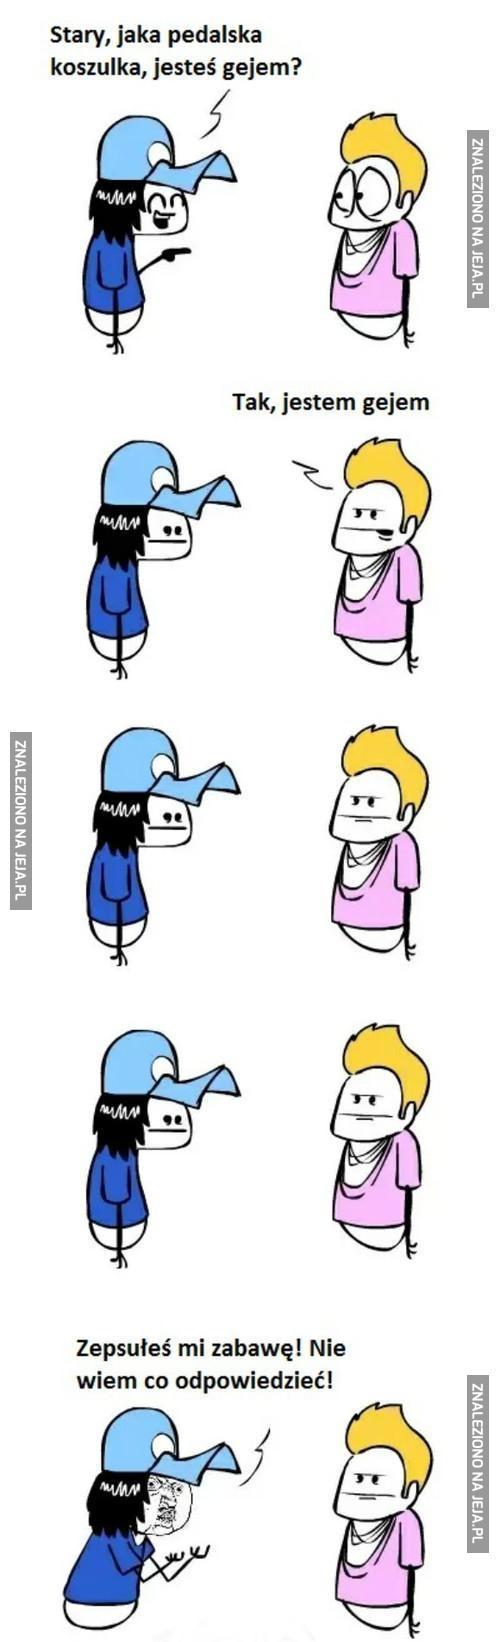 Jesteś gejem?